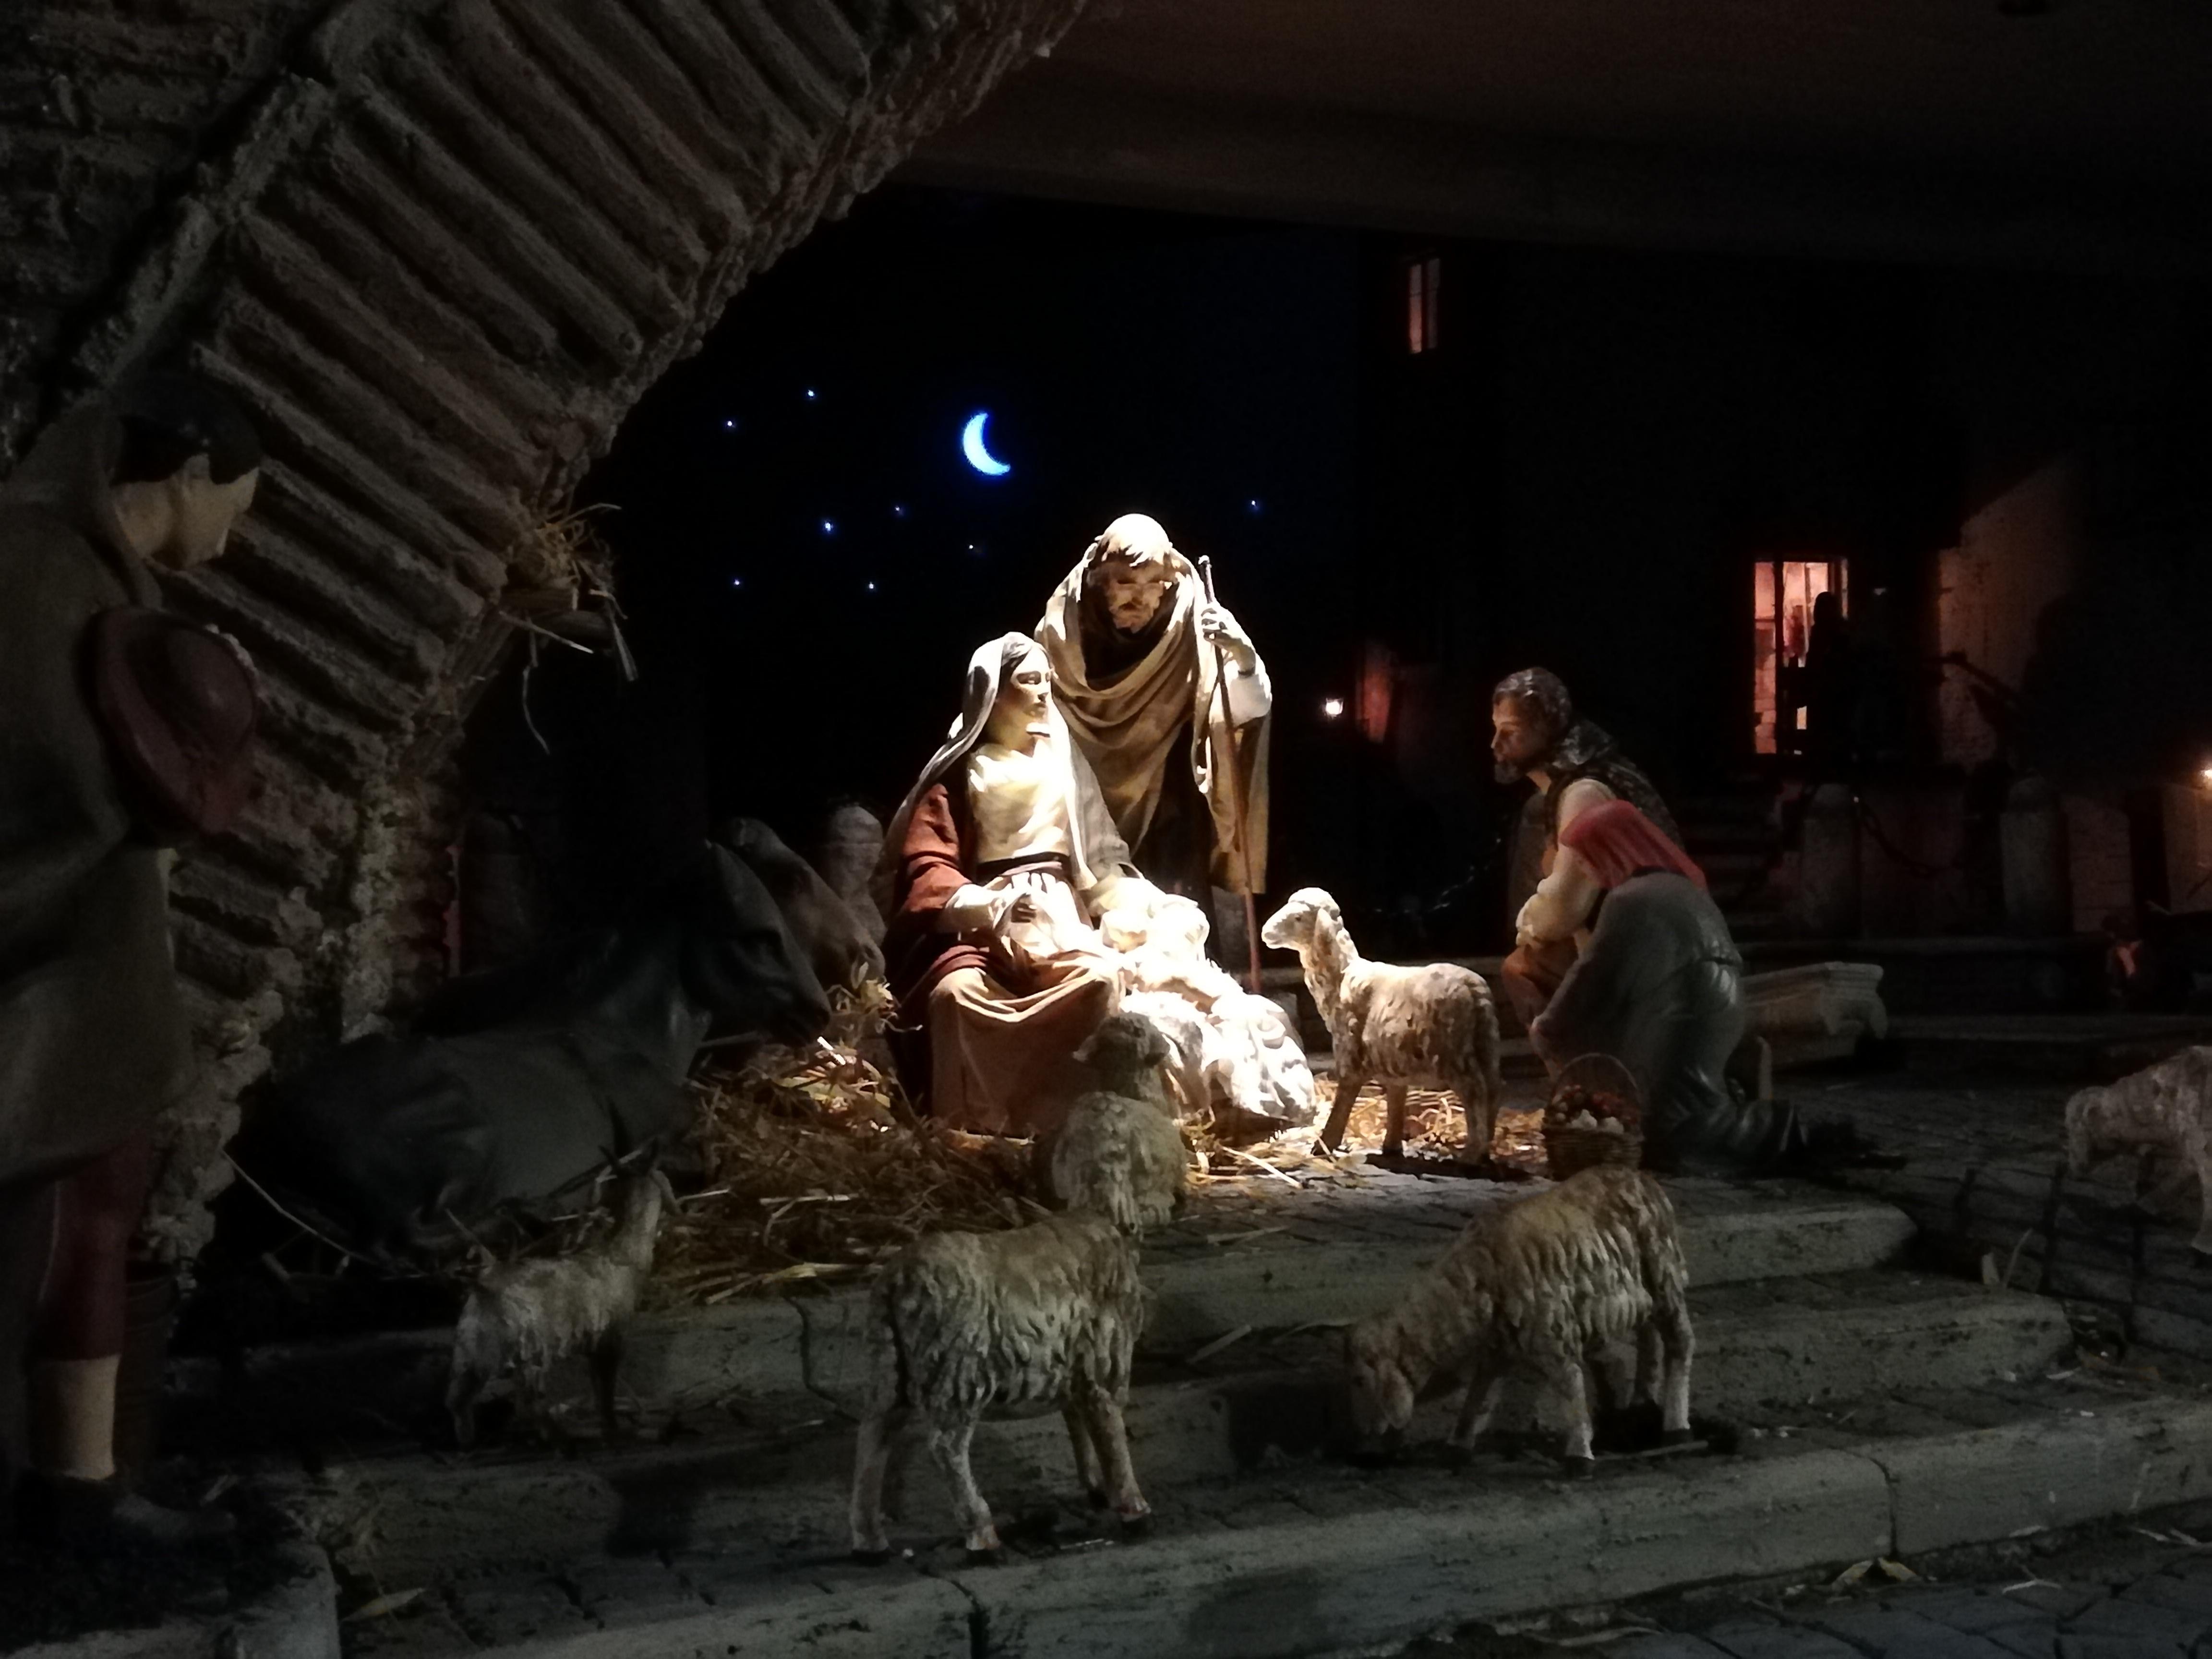 2019. Santa Maria Regina degli Apostoli